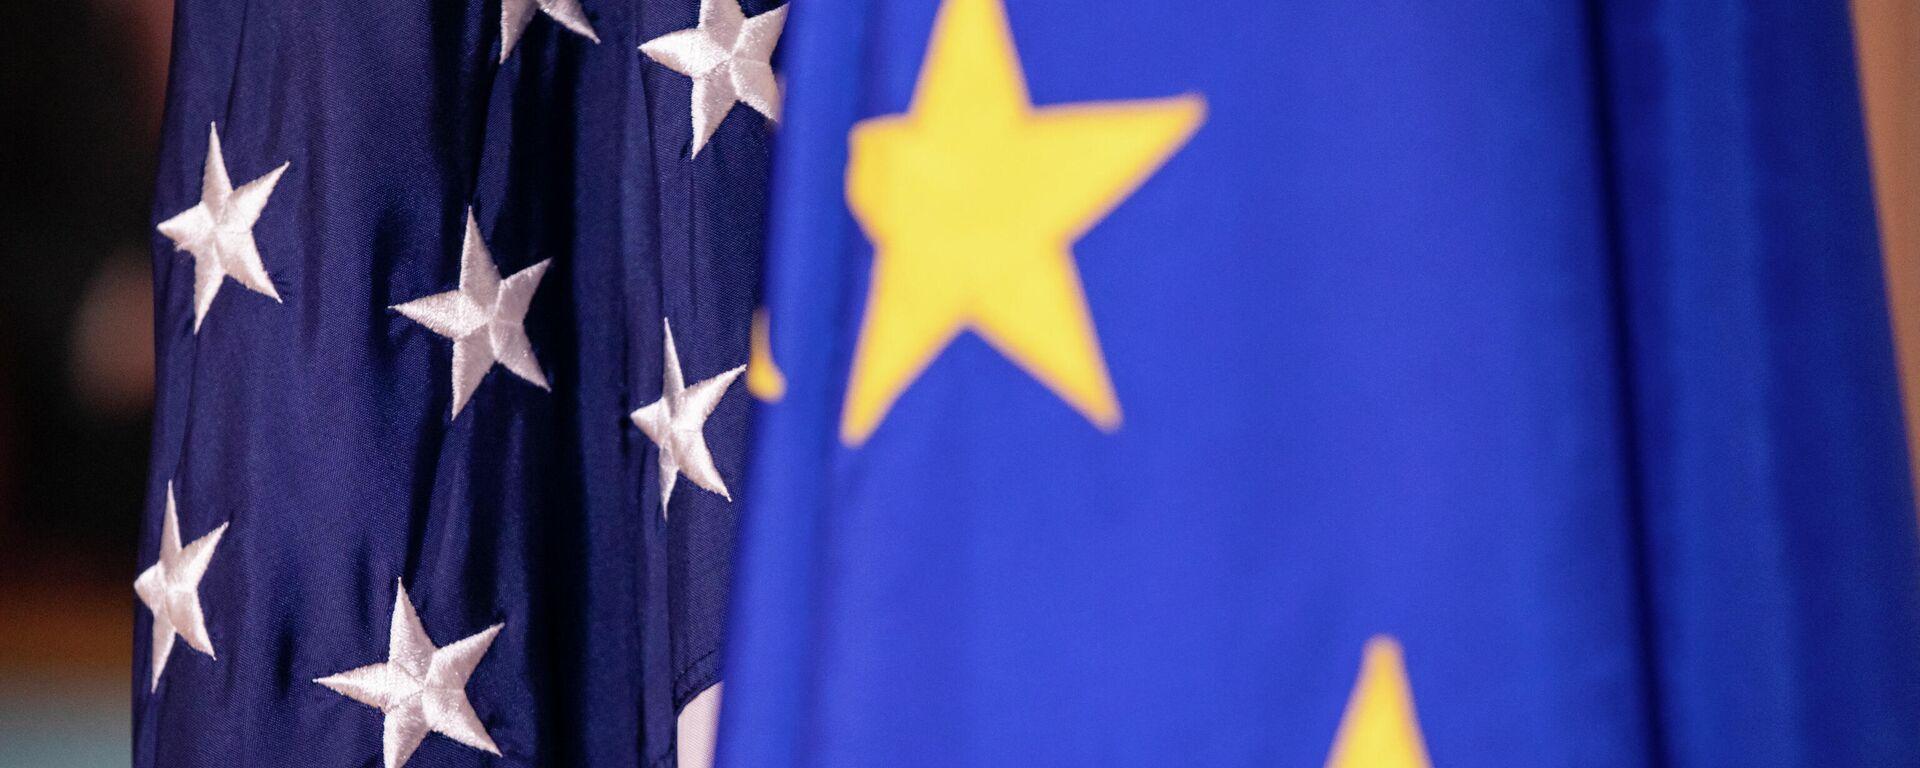 Die Flaggen der Europäischen Union und der Vereinigten Staaten (Symbolbild) - SNA, 1920, 30.05.2021